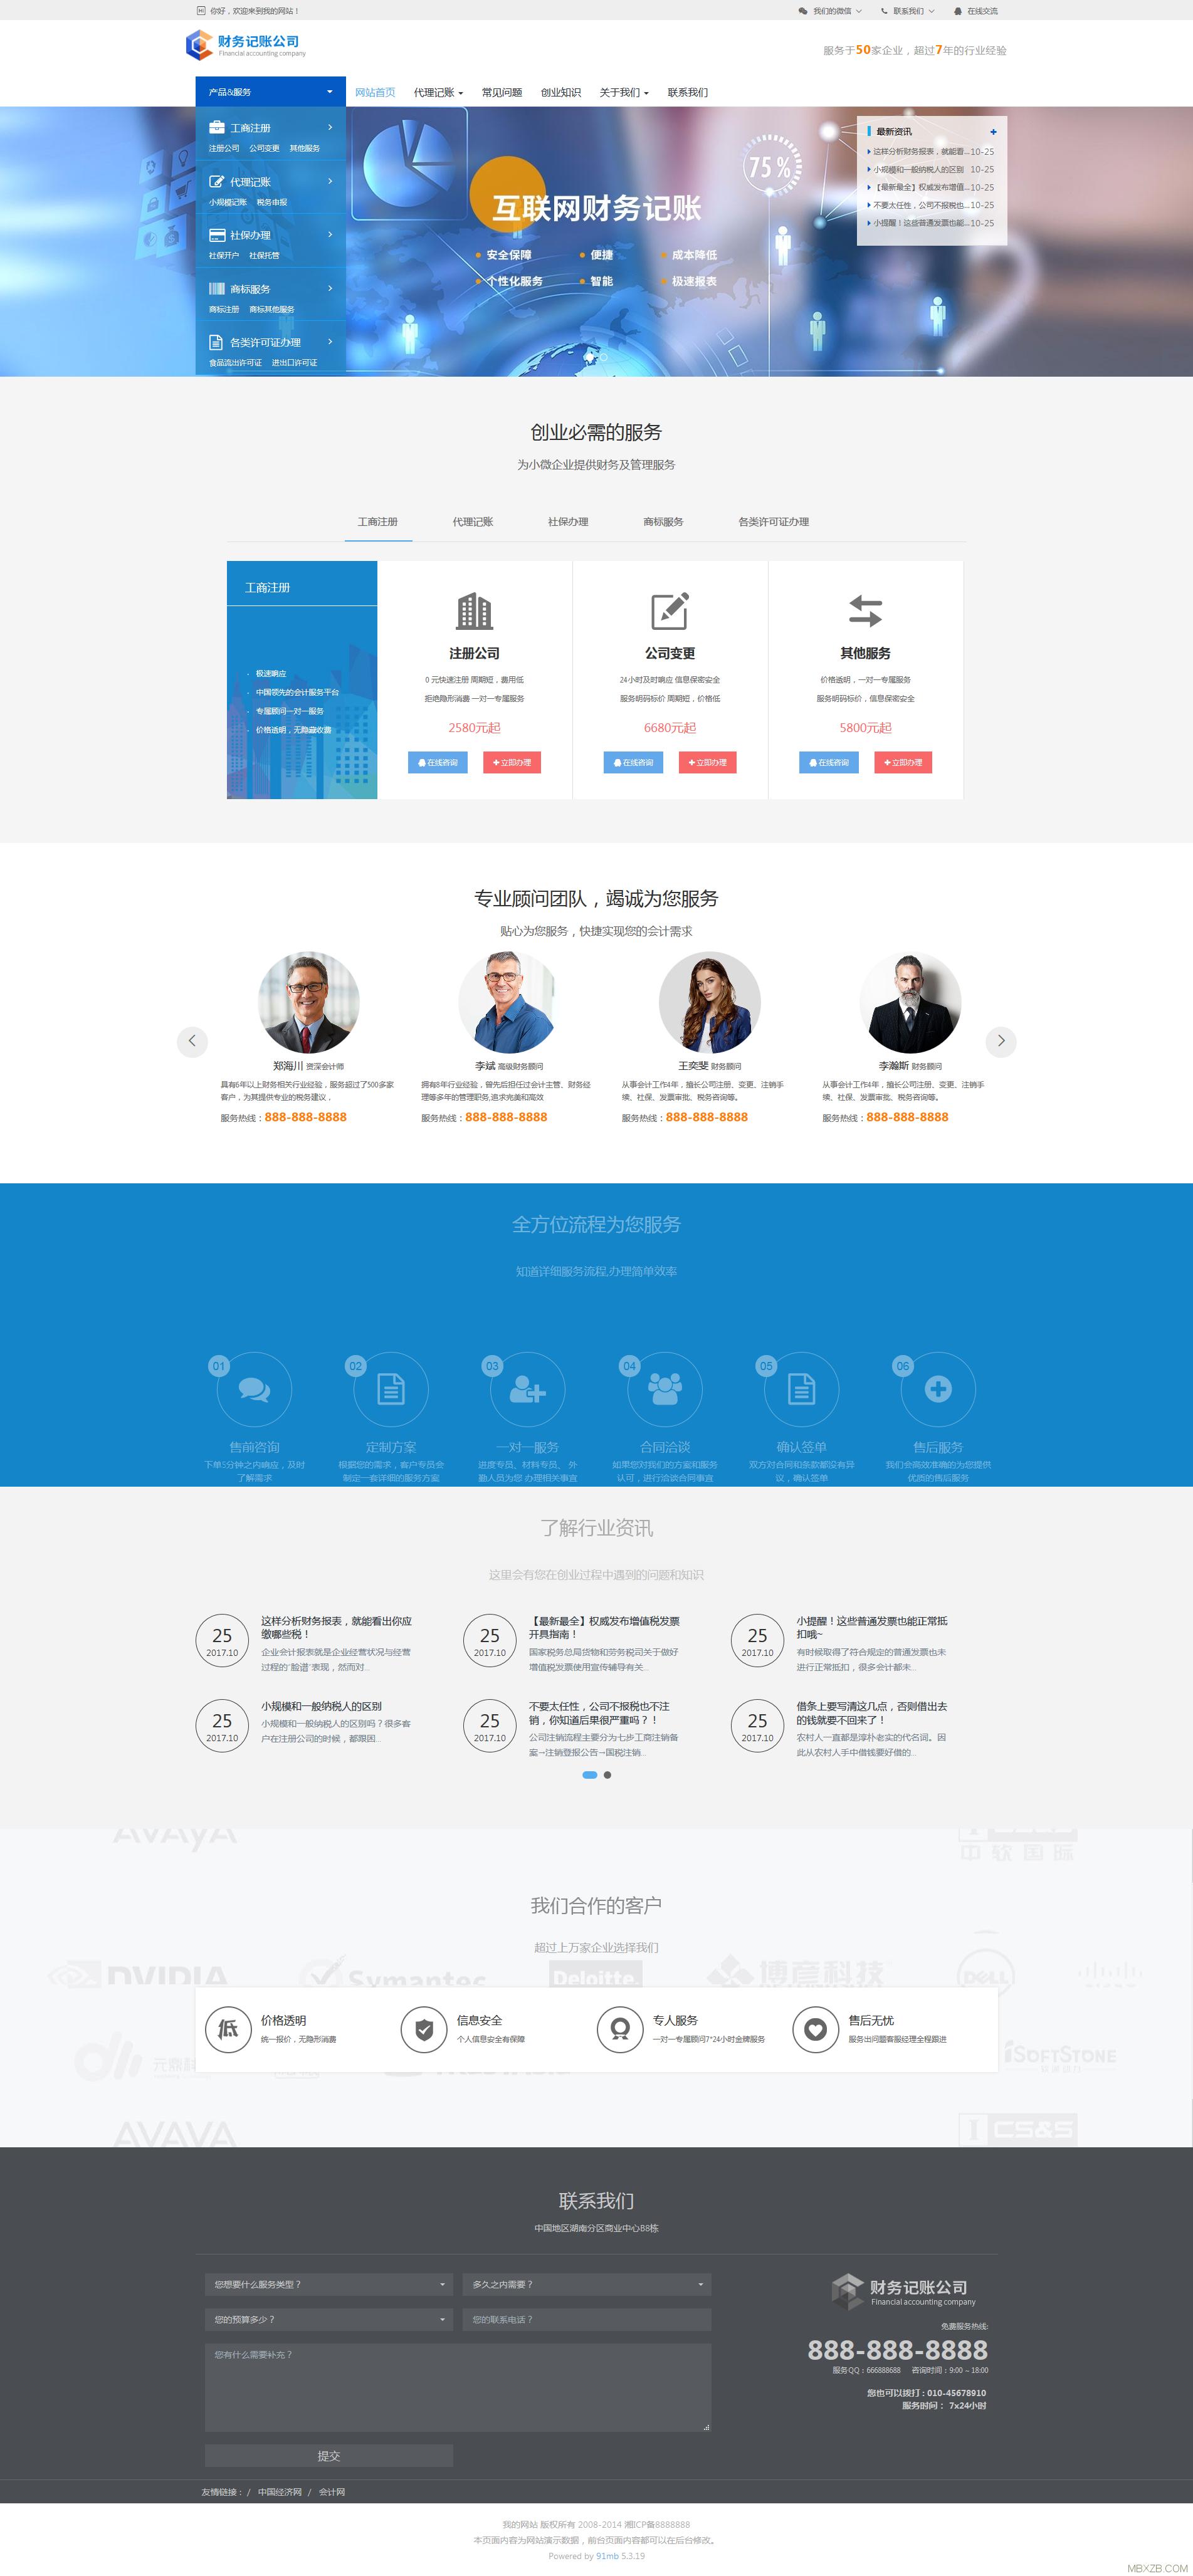 财务记账企业响应式网站|财务记账|会计-财务记账企业响应式网站